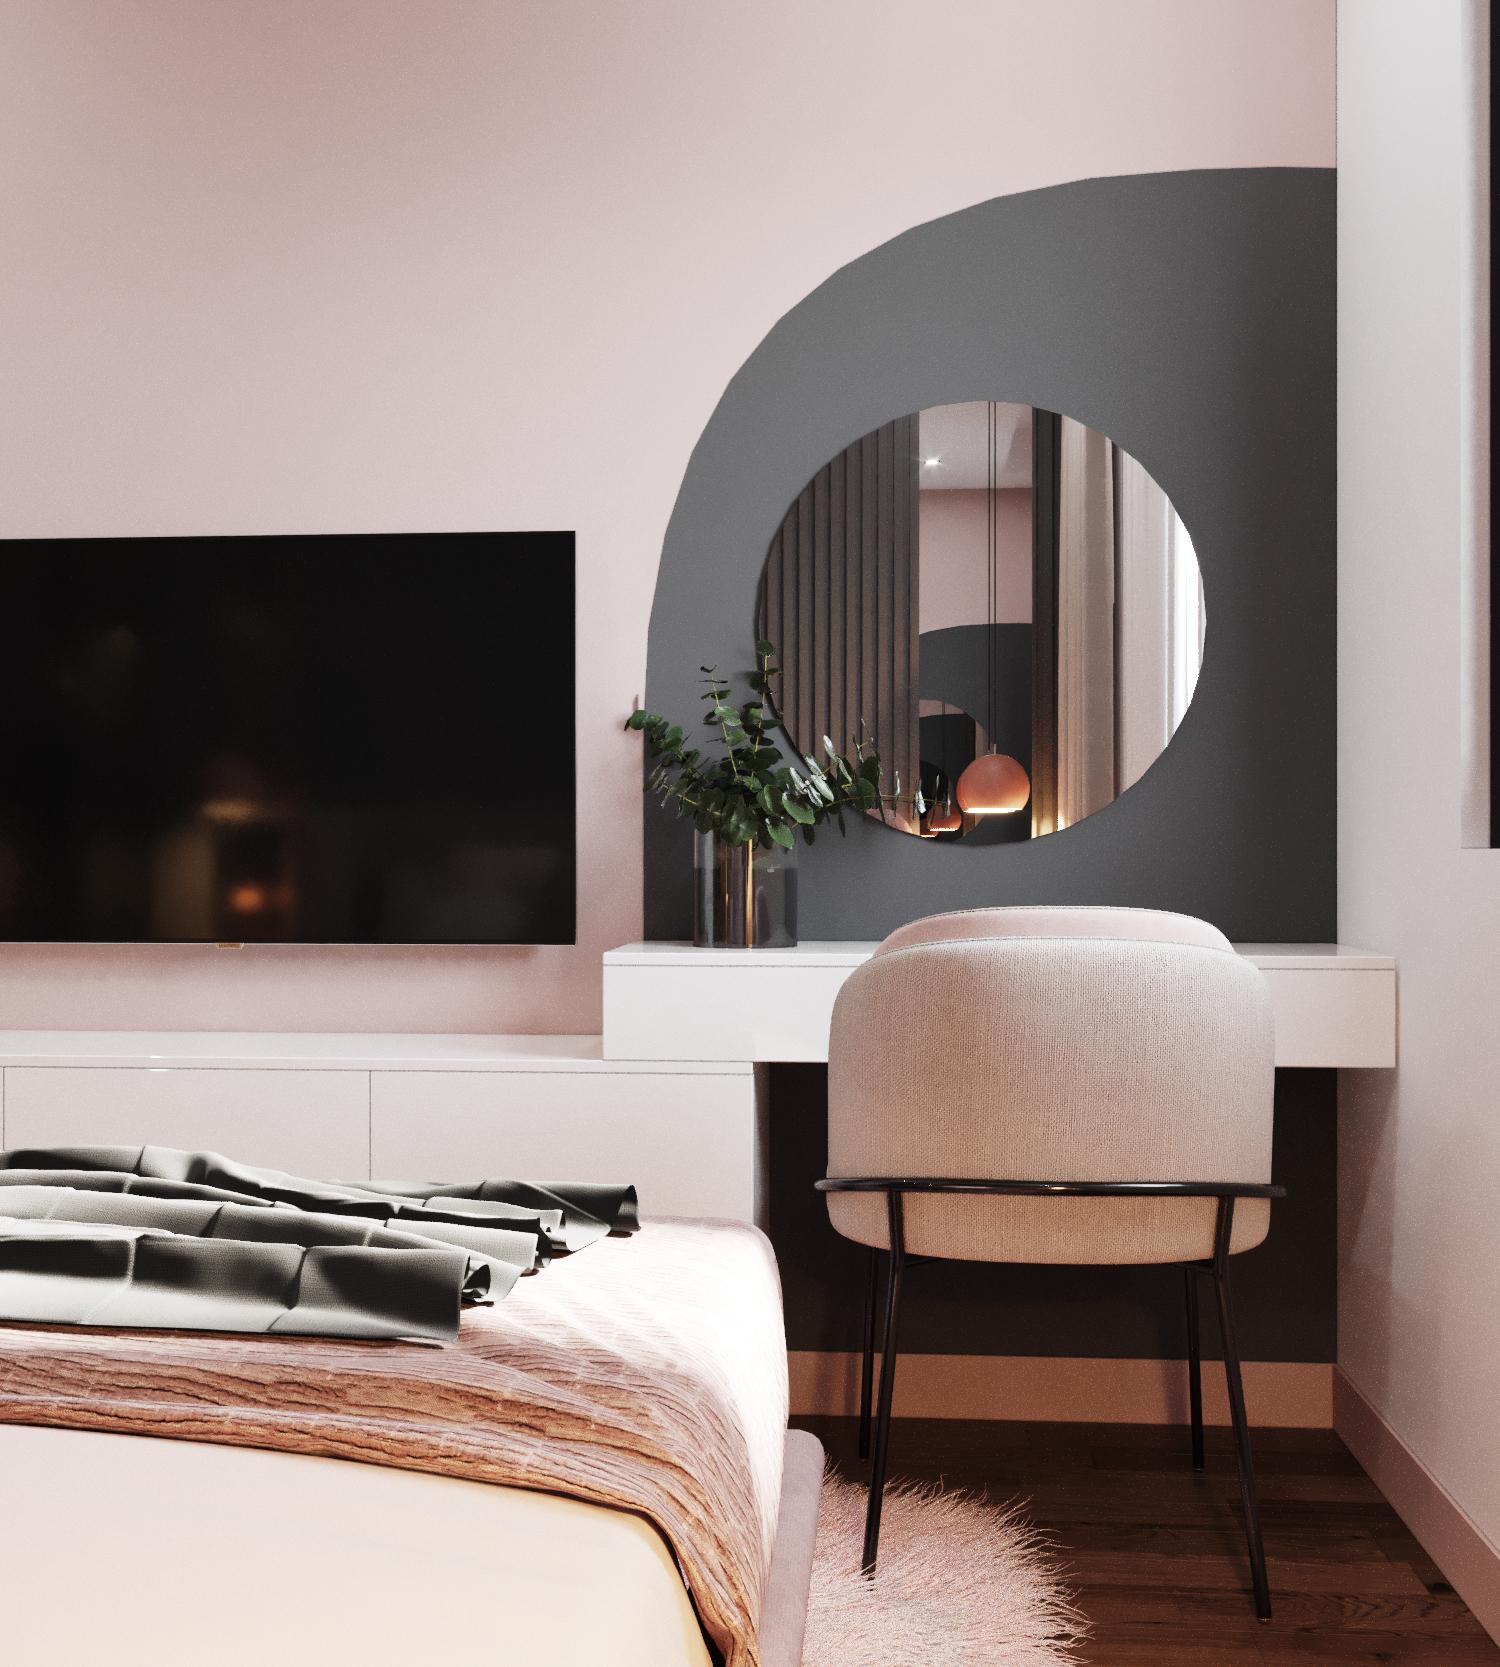 Sắc hồng ghi nhạt và những đường cong mềm mại nơi tường, gương, ghế trang điểm tăng thêm vẻ ngọt ngào, duyên dáng cho phòng ngủ